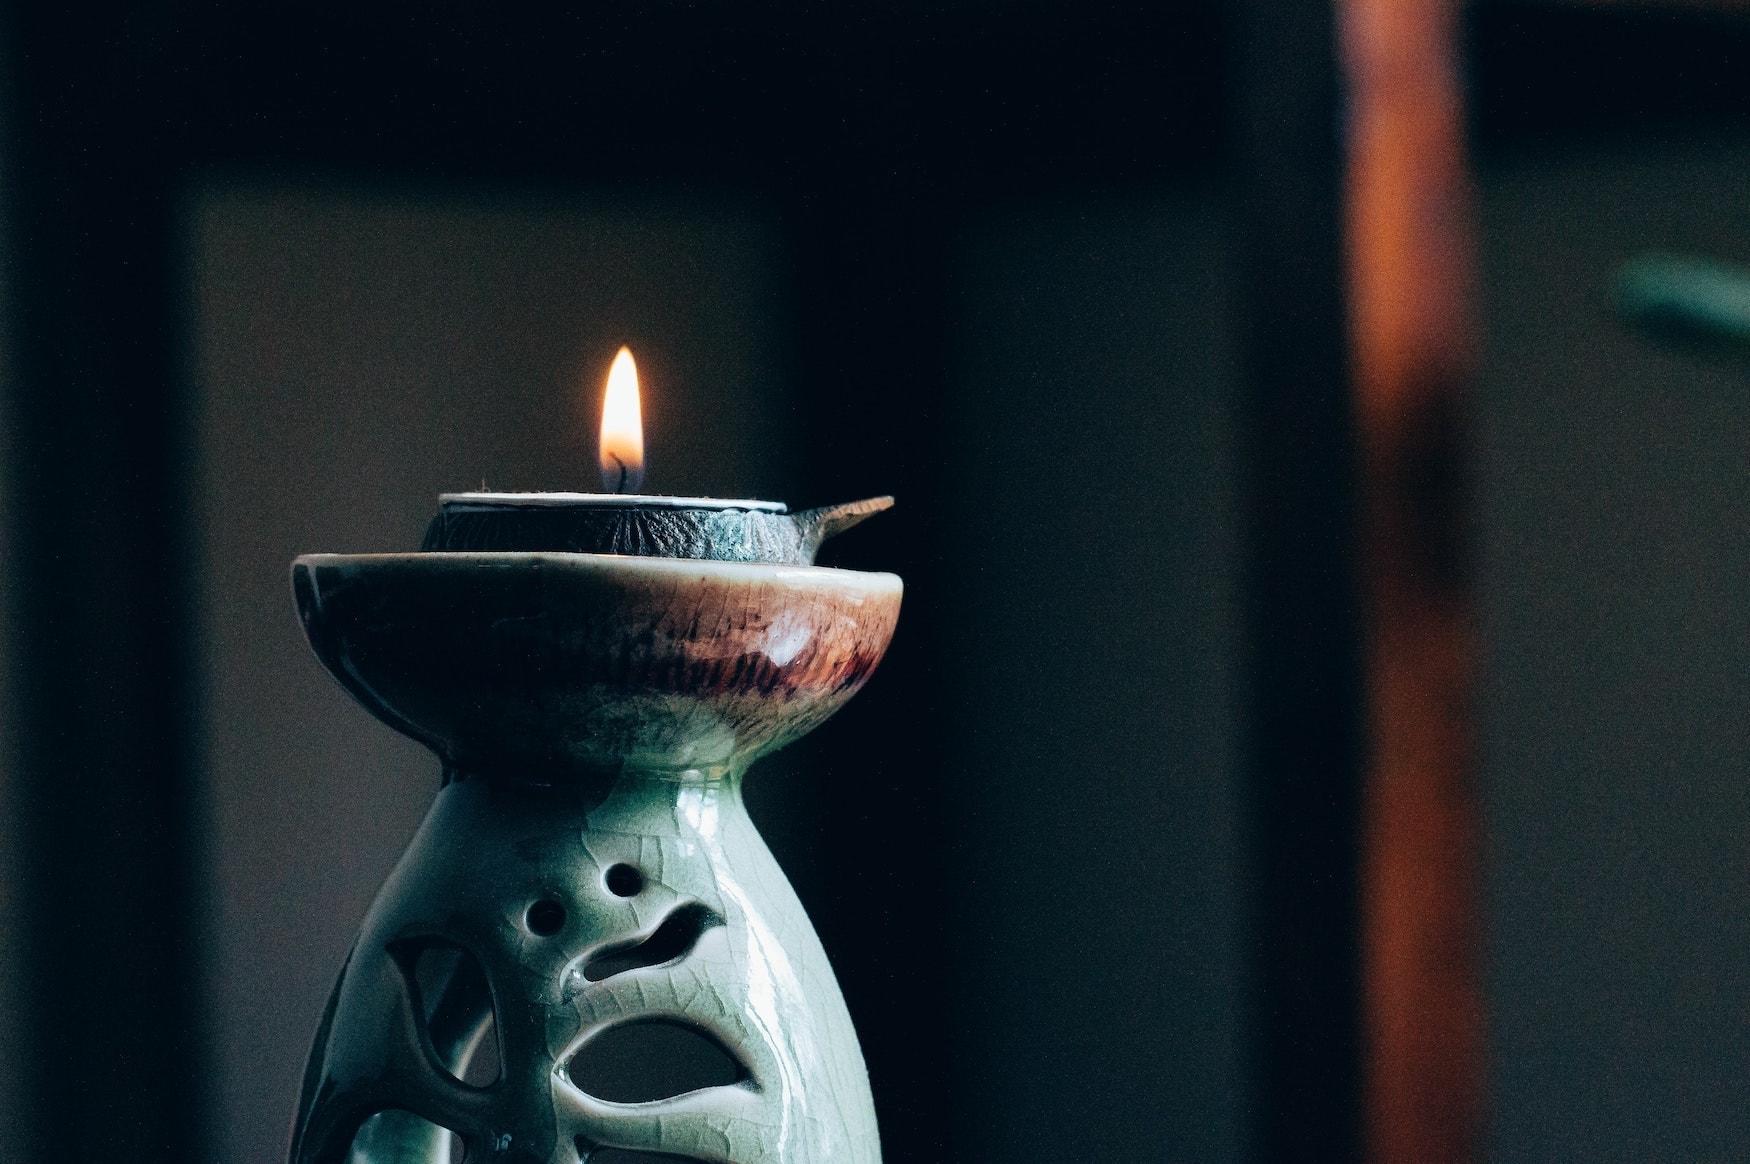 Leuchtende Kerze vor dunklem Hintergrund